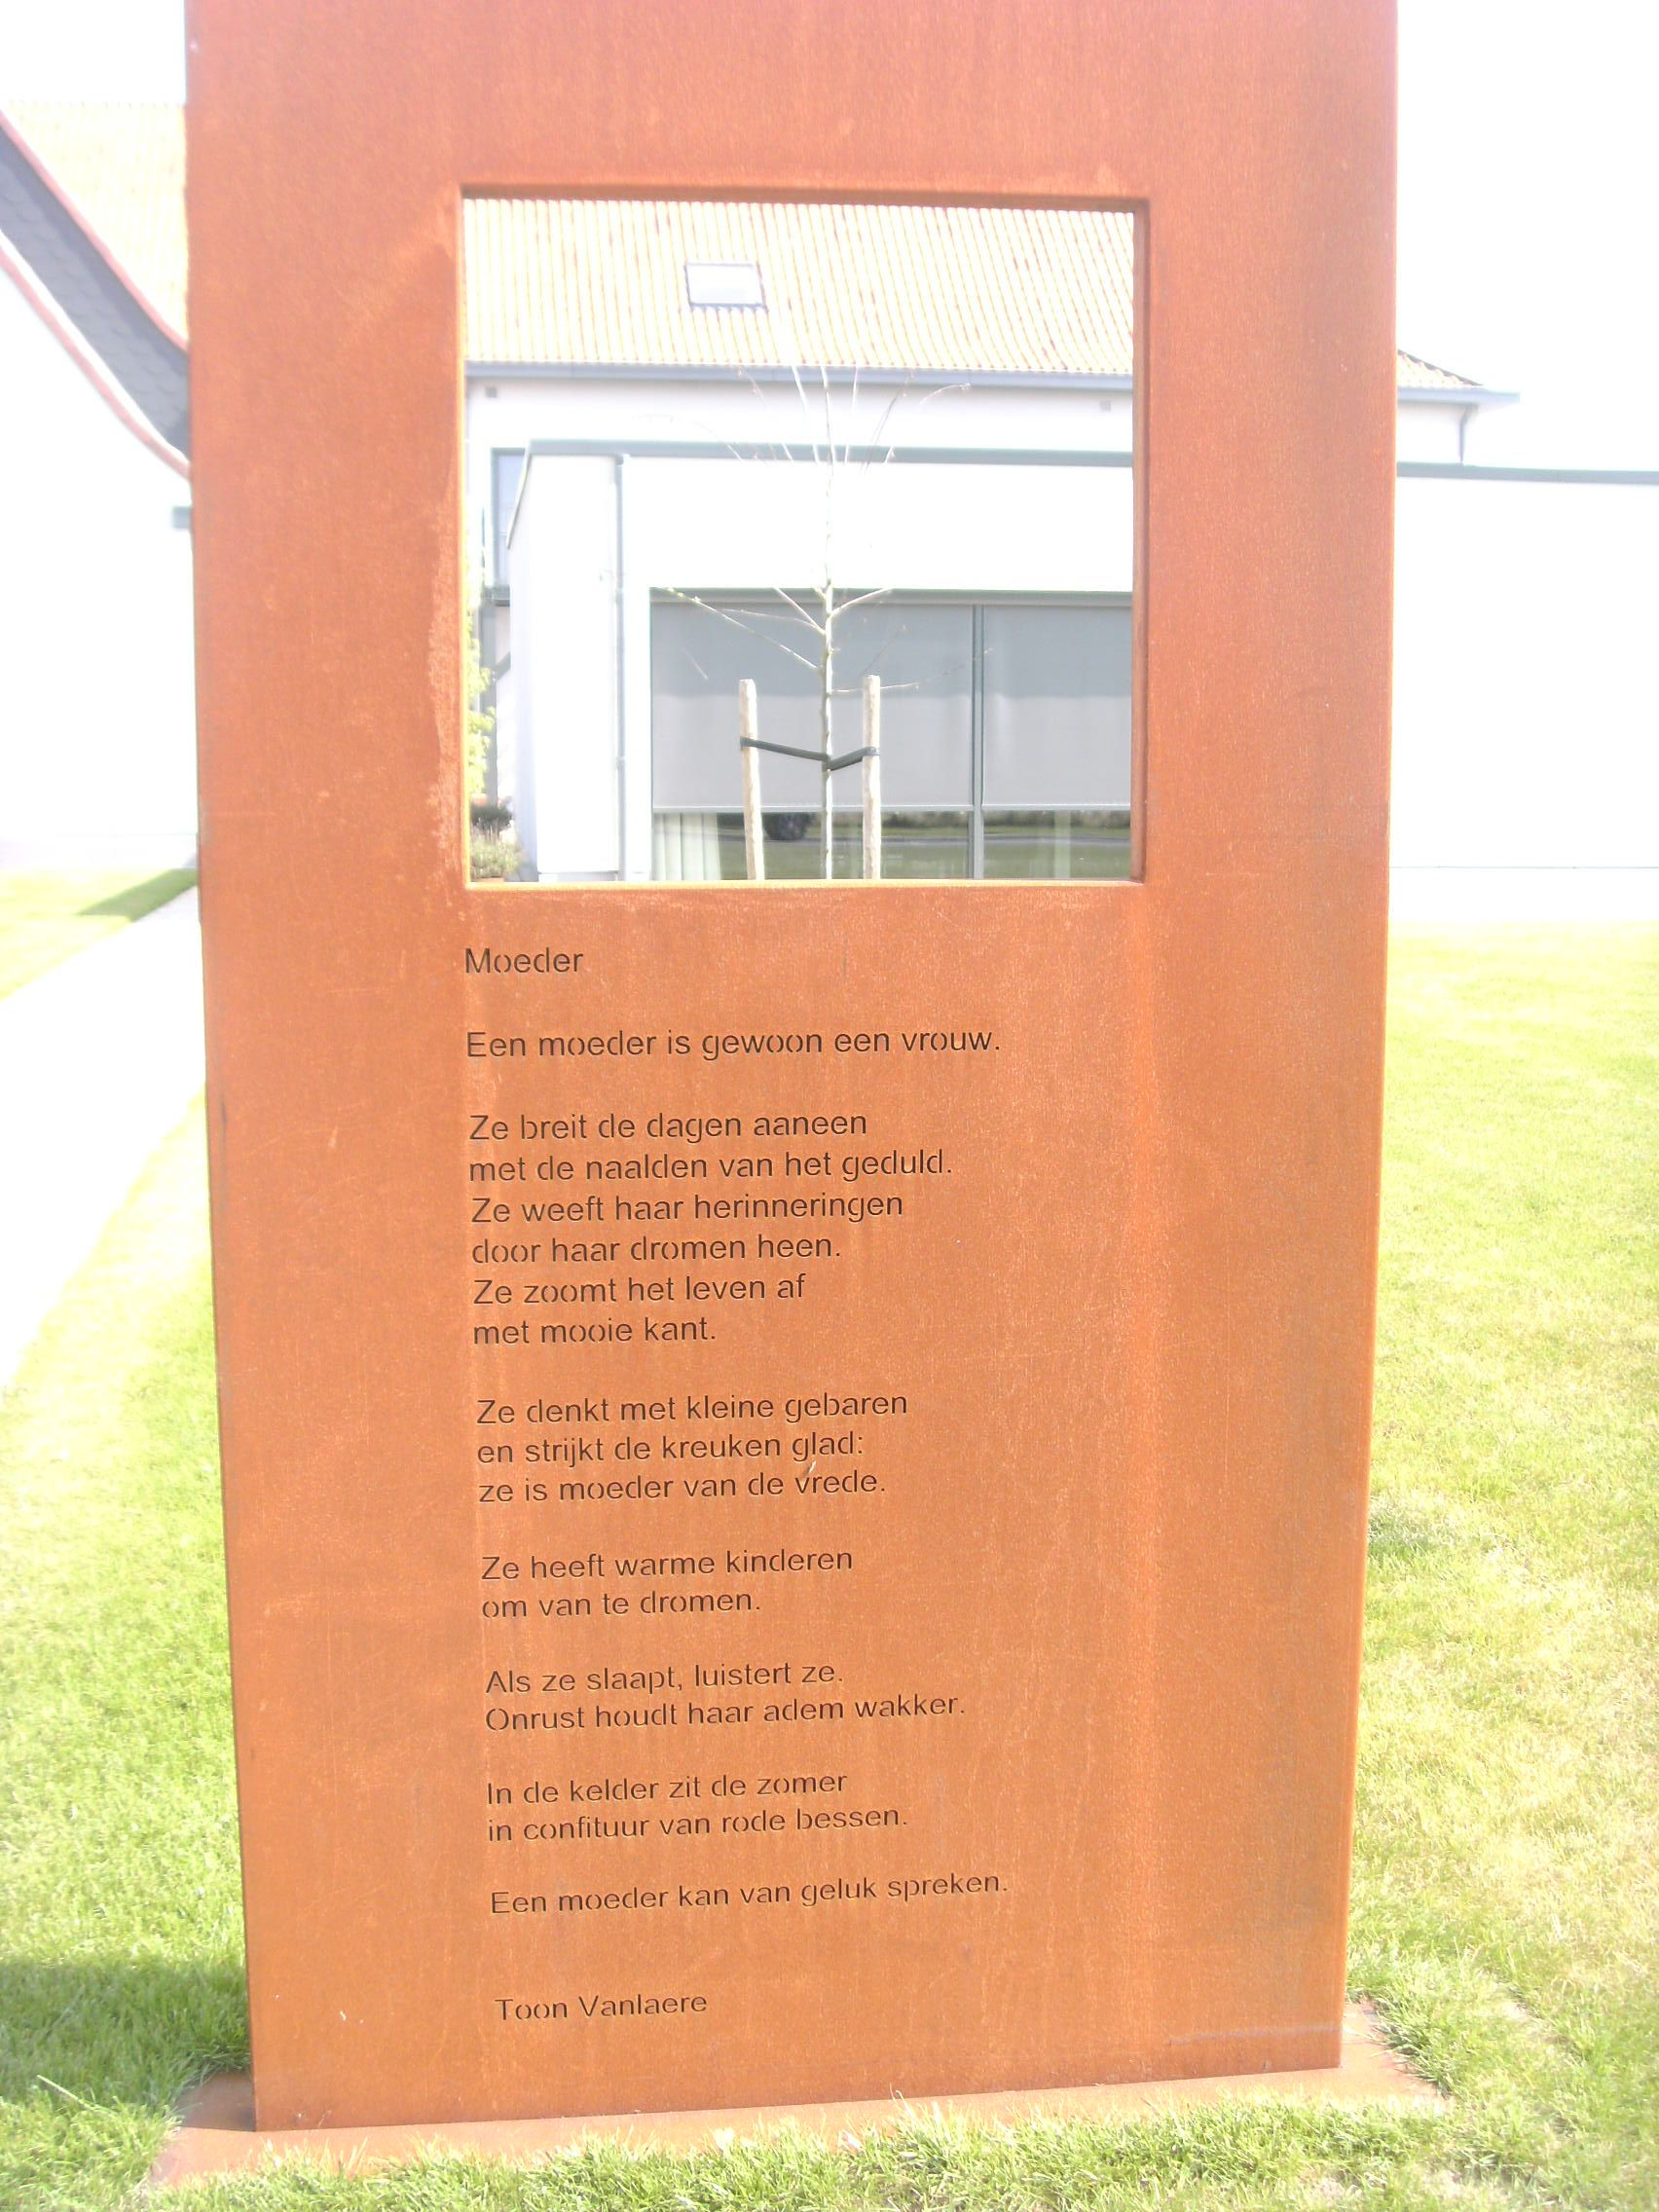 Dubbelwandige Panelen Met Doorkijkvenster In Cortenstaal